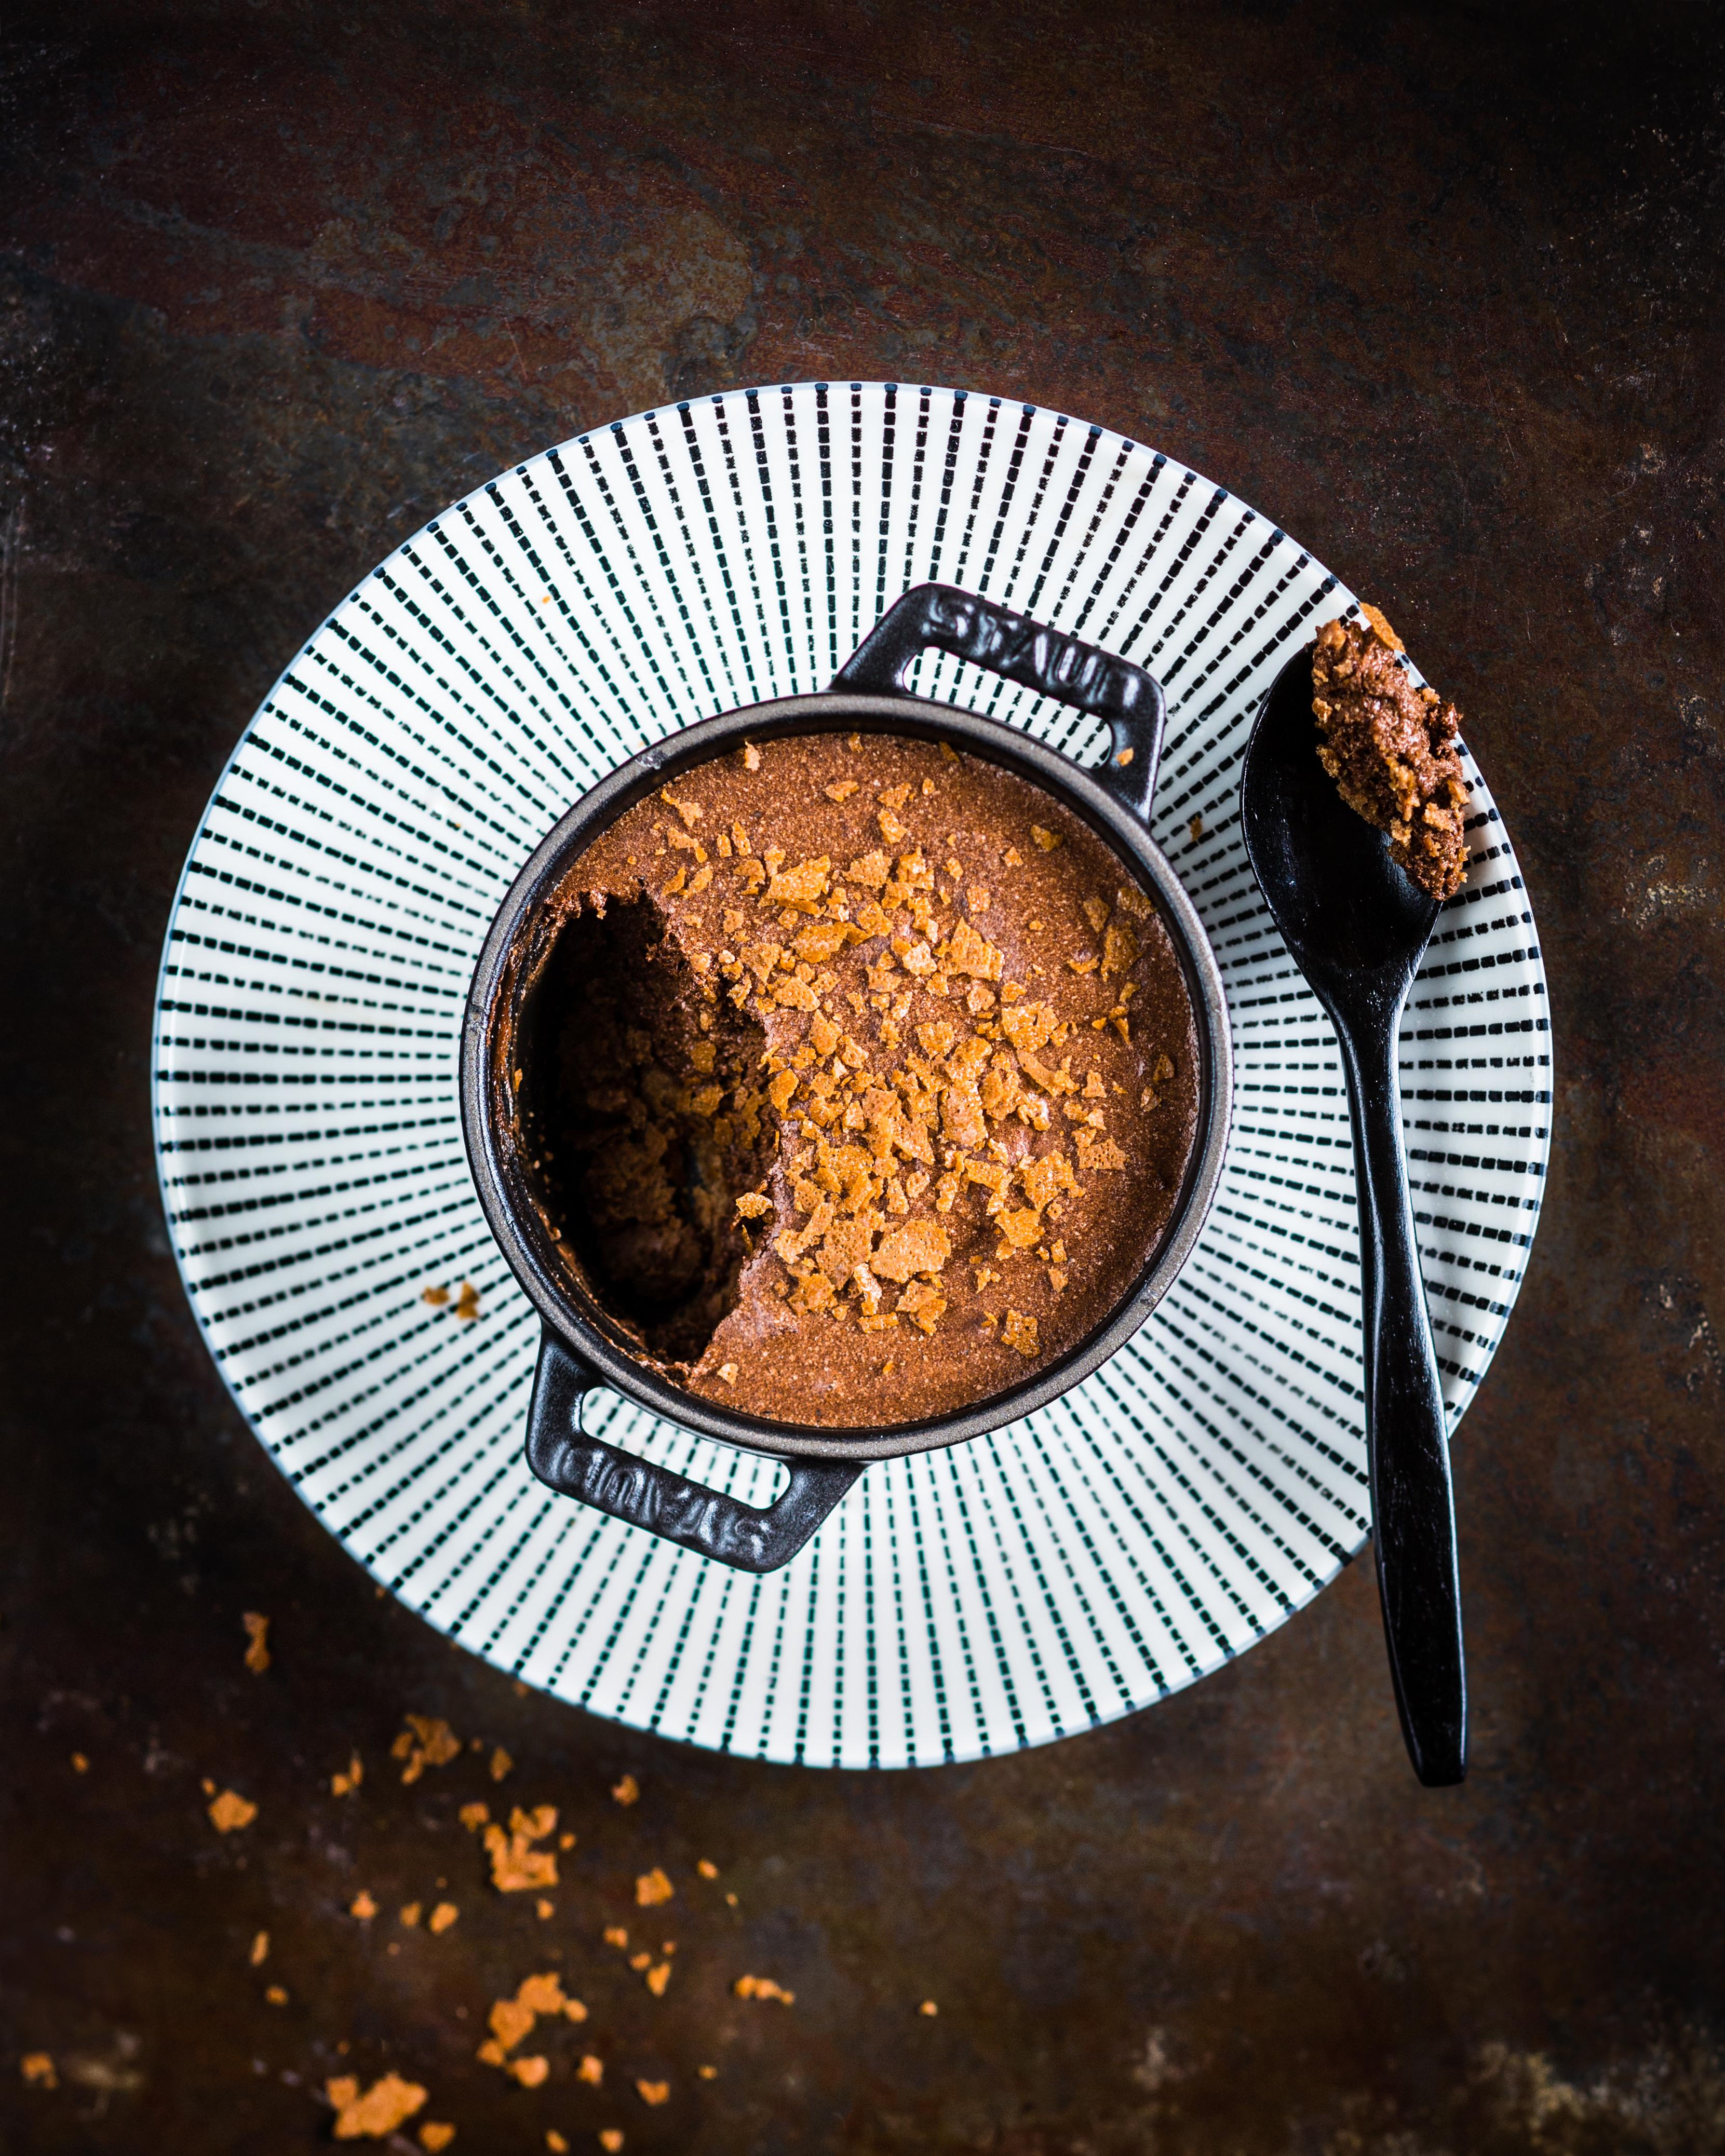 Juliette Lalbaltry - «Tout chocolat» - Bottin Gourmand Magazine - Crédits photo: Delphine Amar Constantini